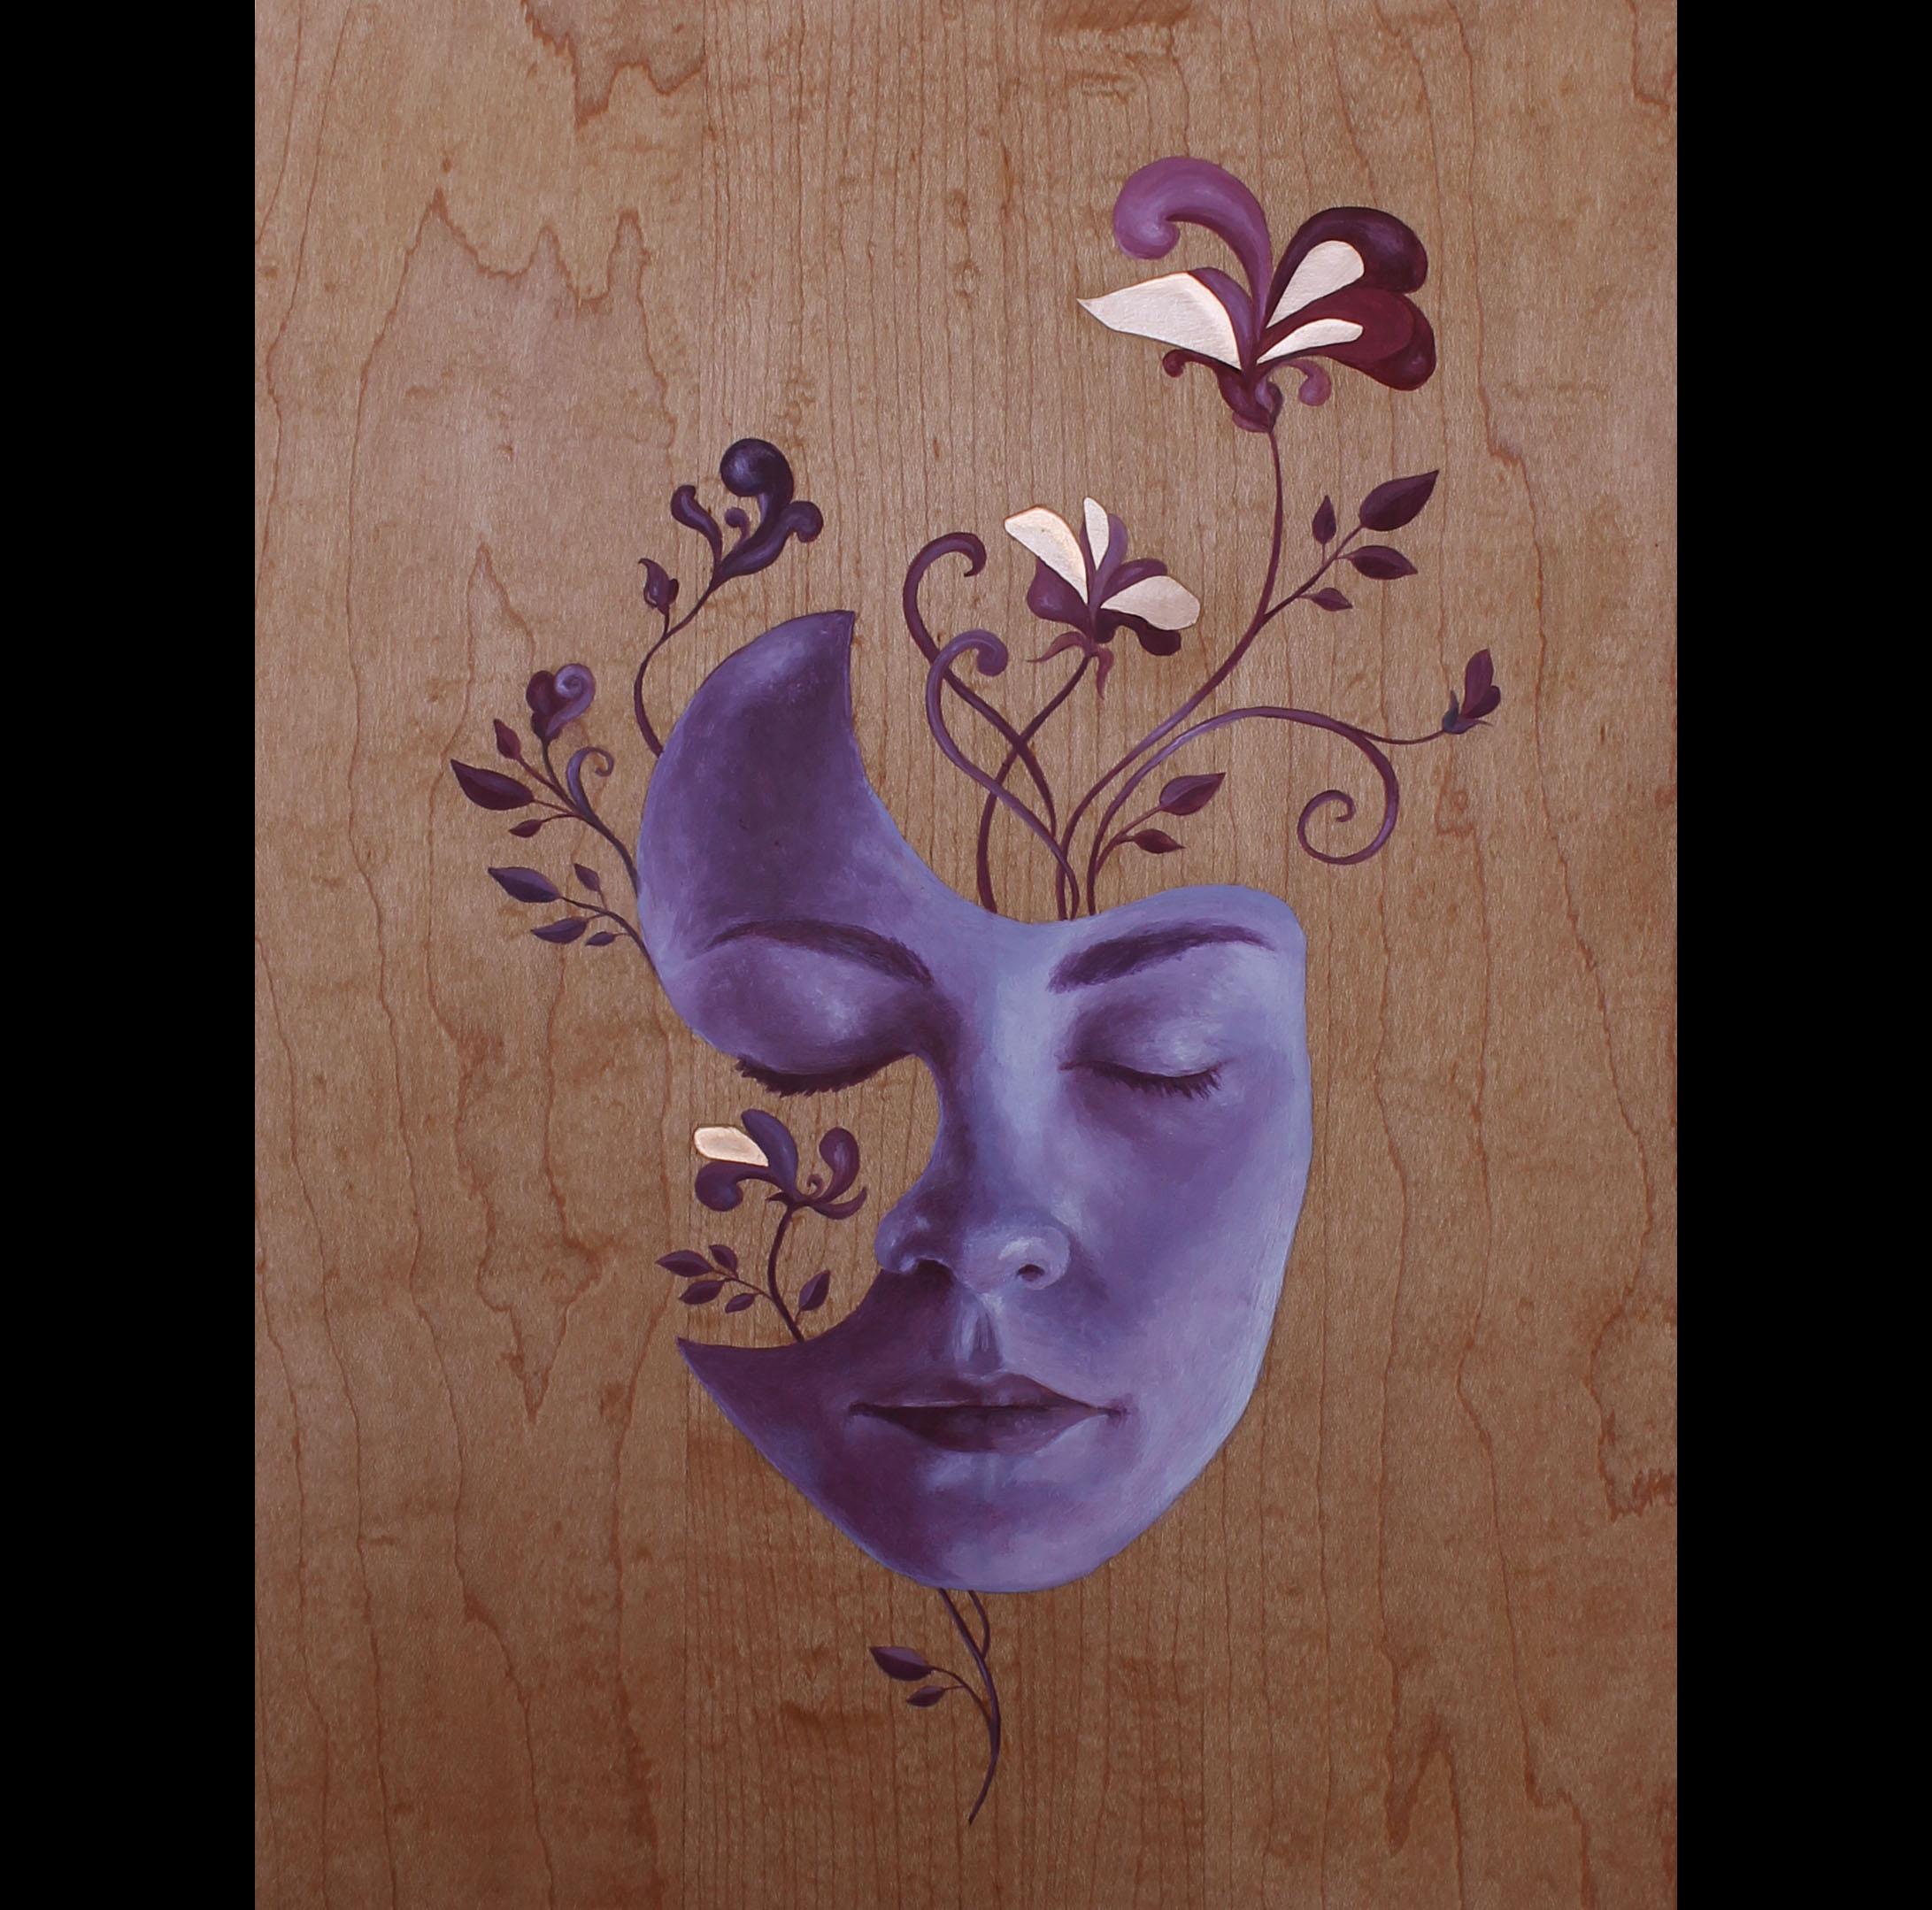 Artwork by Iris Moore